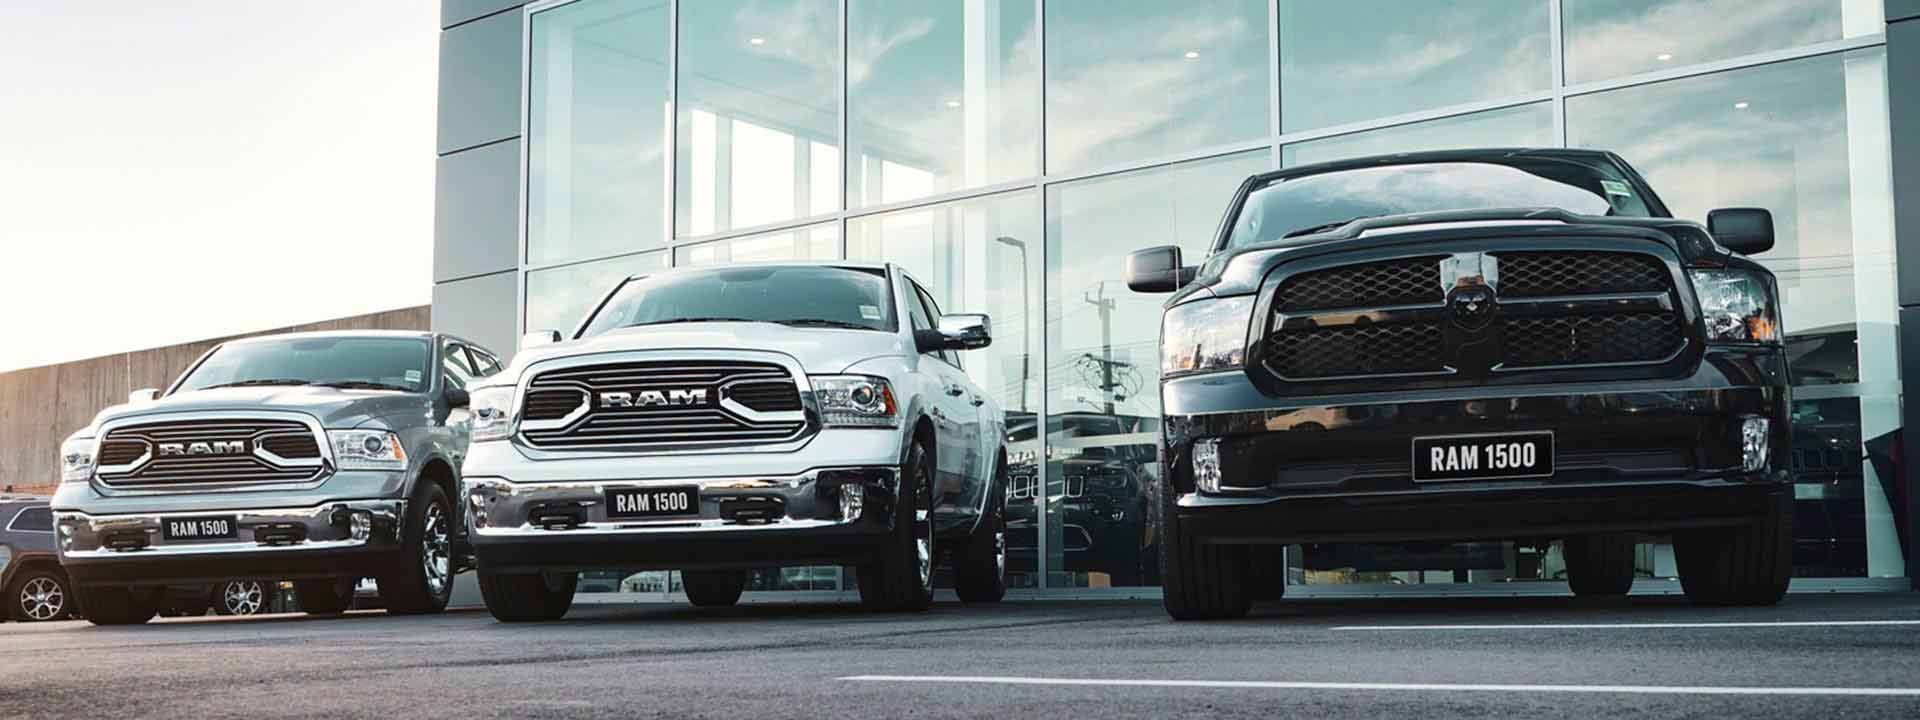 Ram Sponsors | Ram Trucks Australia